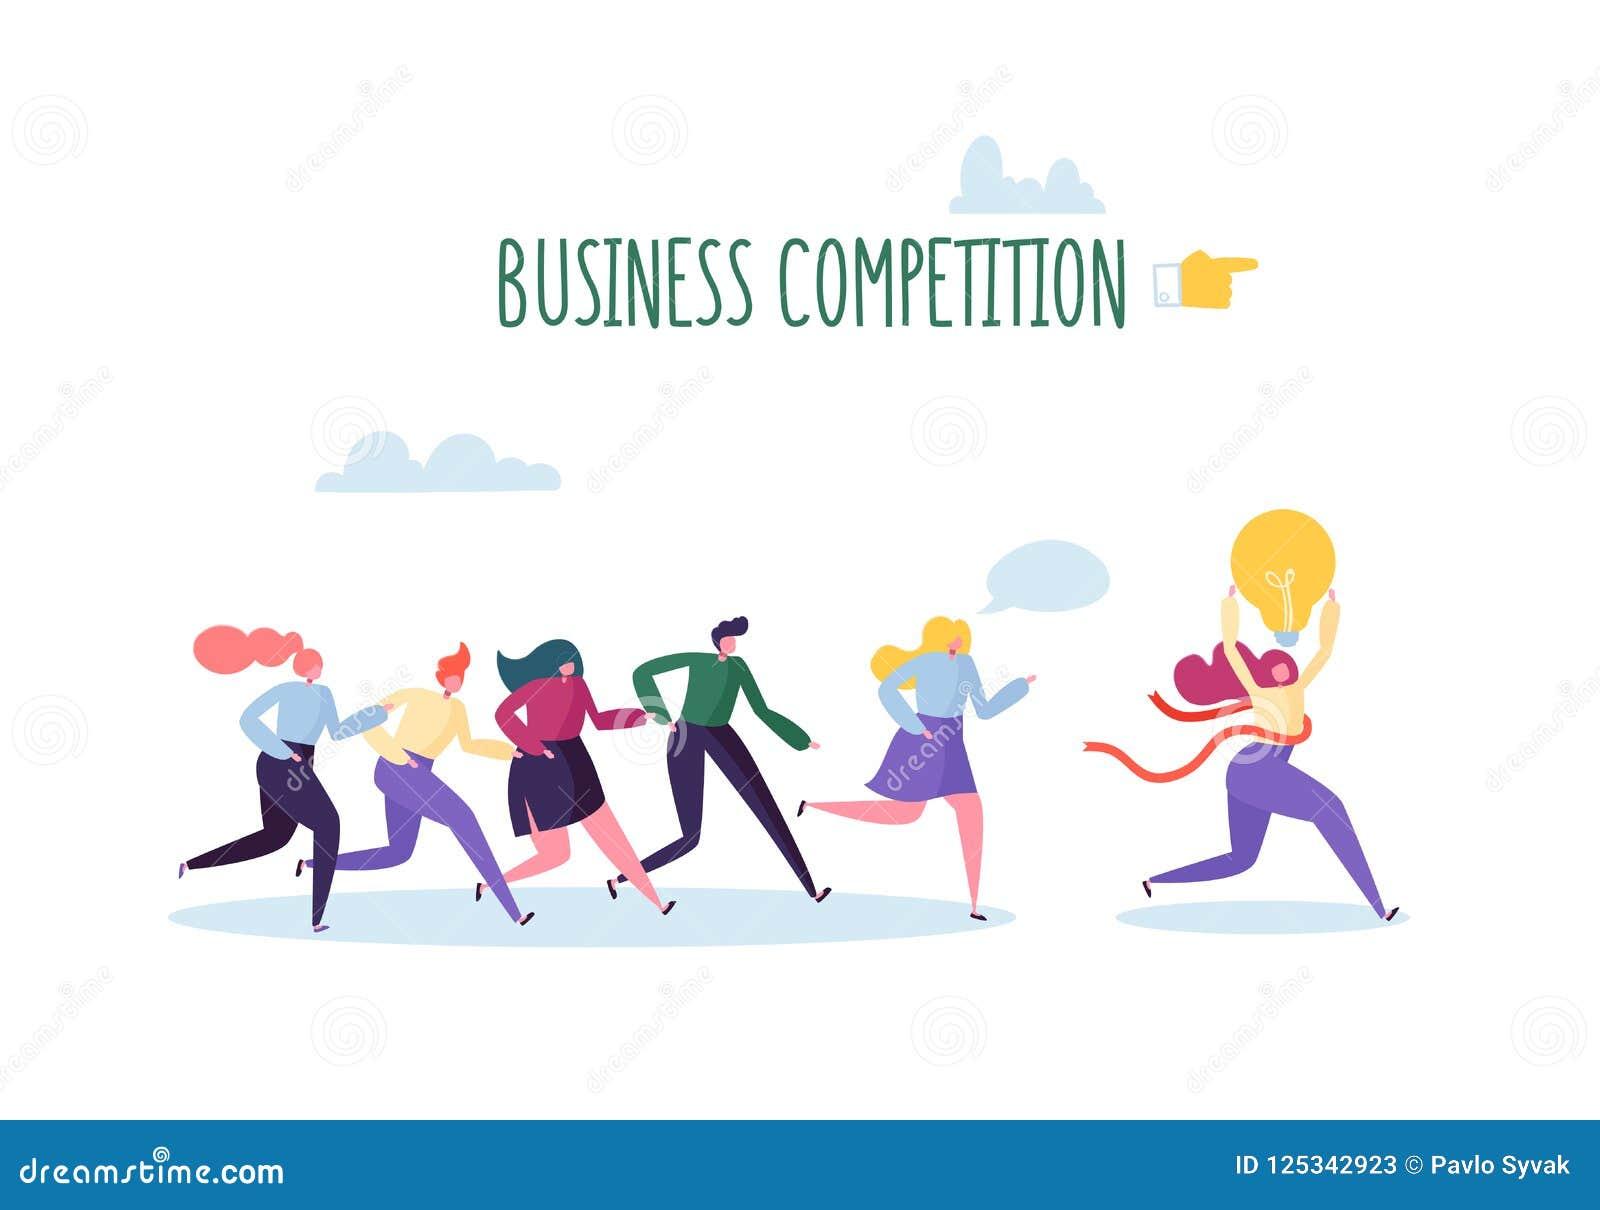 Ασιάτης πίσω από το σφυρί έννοιας ανταγωνισμού επιχειρησιακών επιχειρηματιών υπόκλισης που κρατά δύο Επίπεδοι χαρακτήρες ανθρώπων